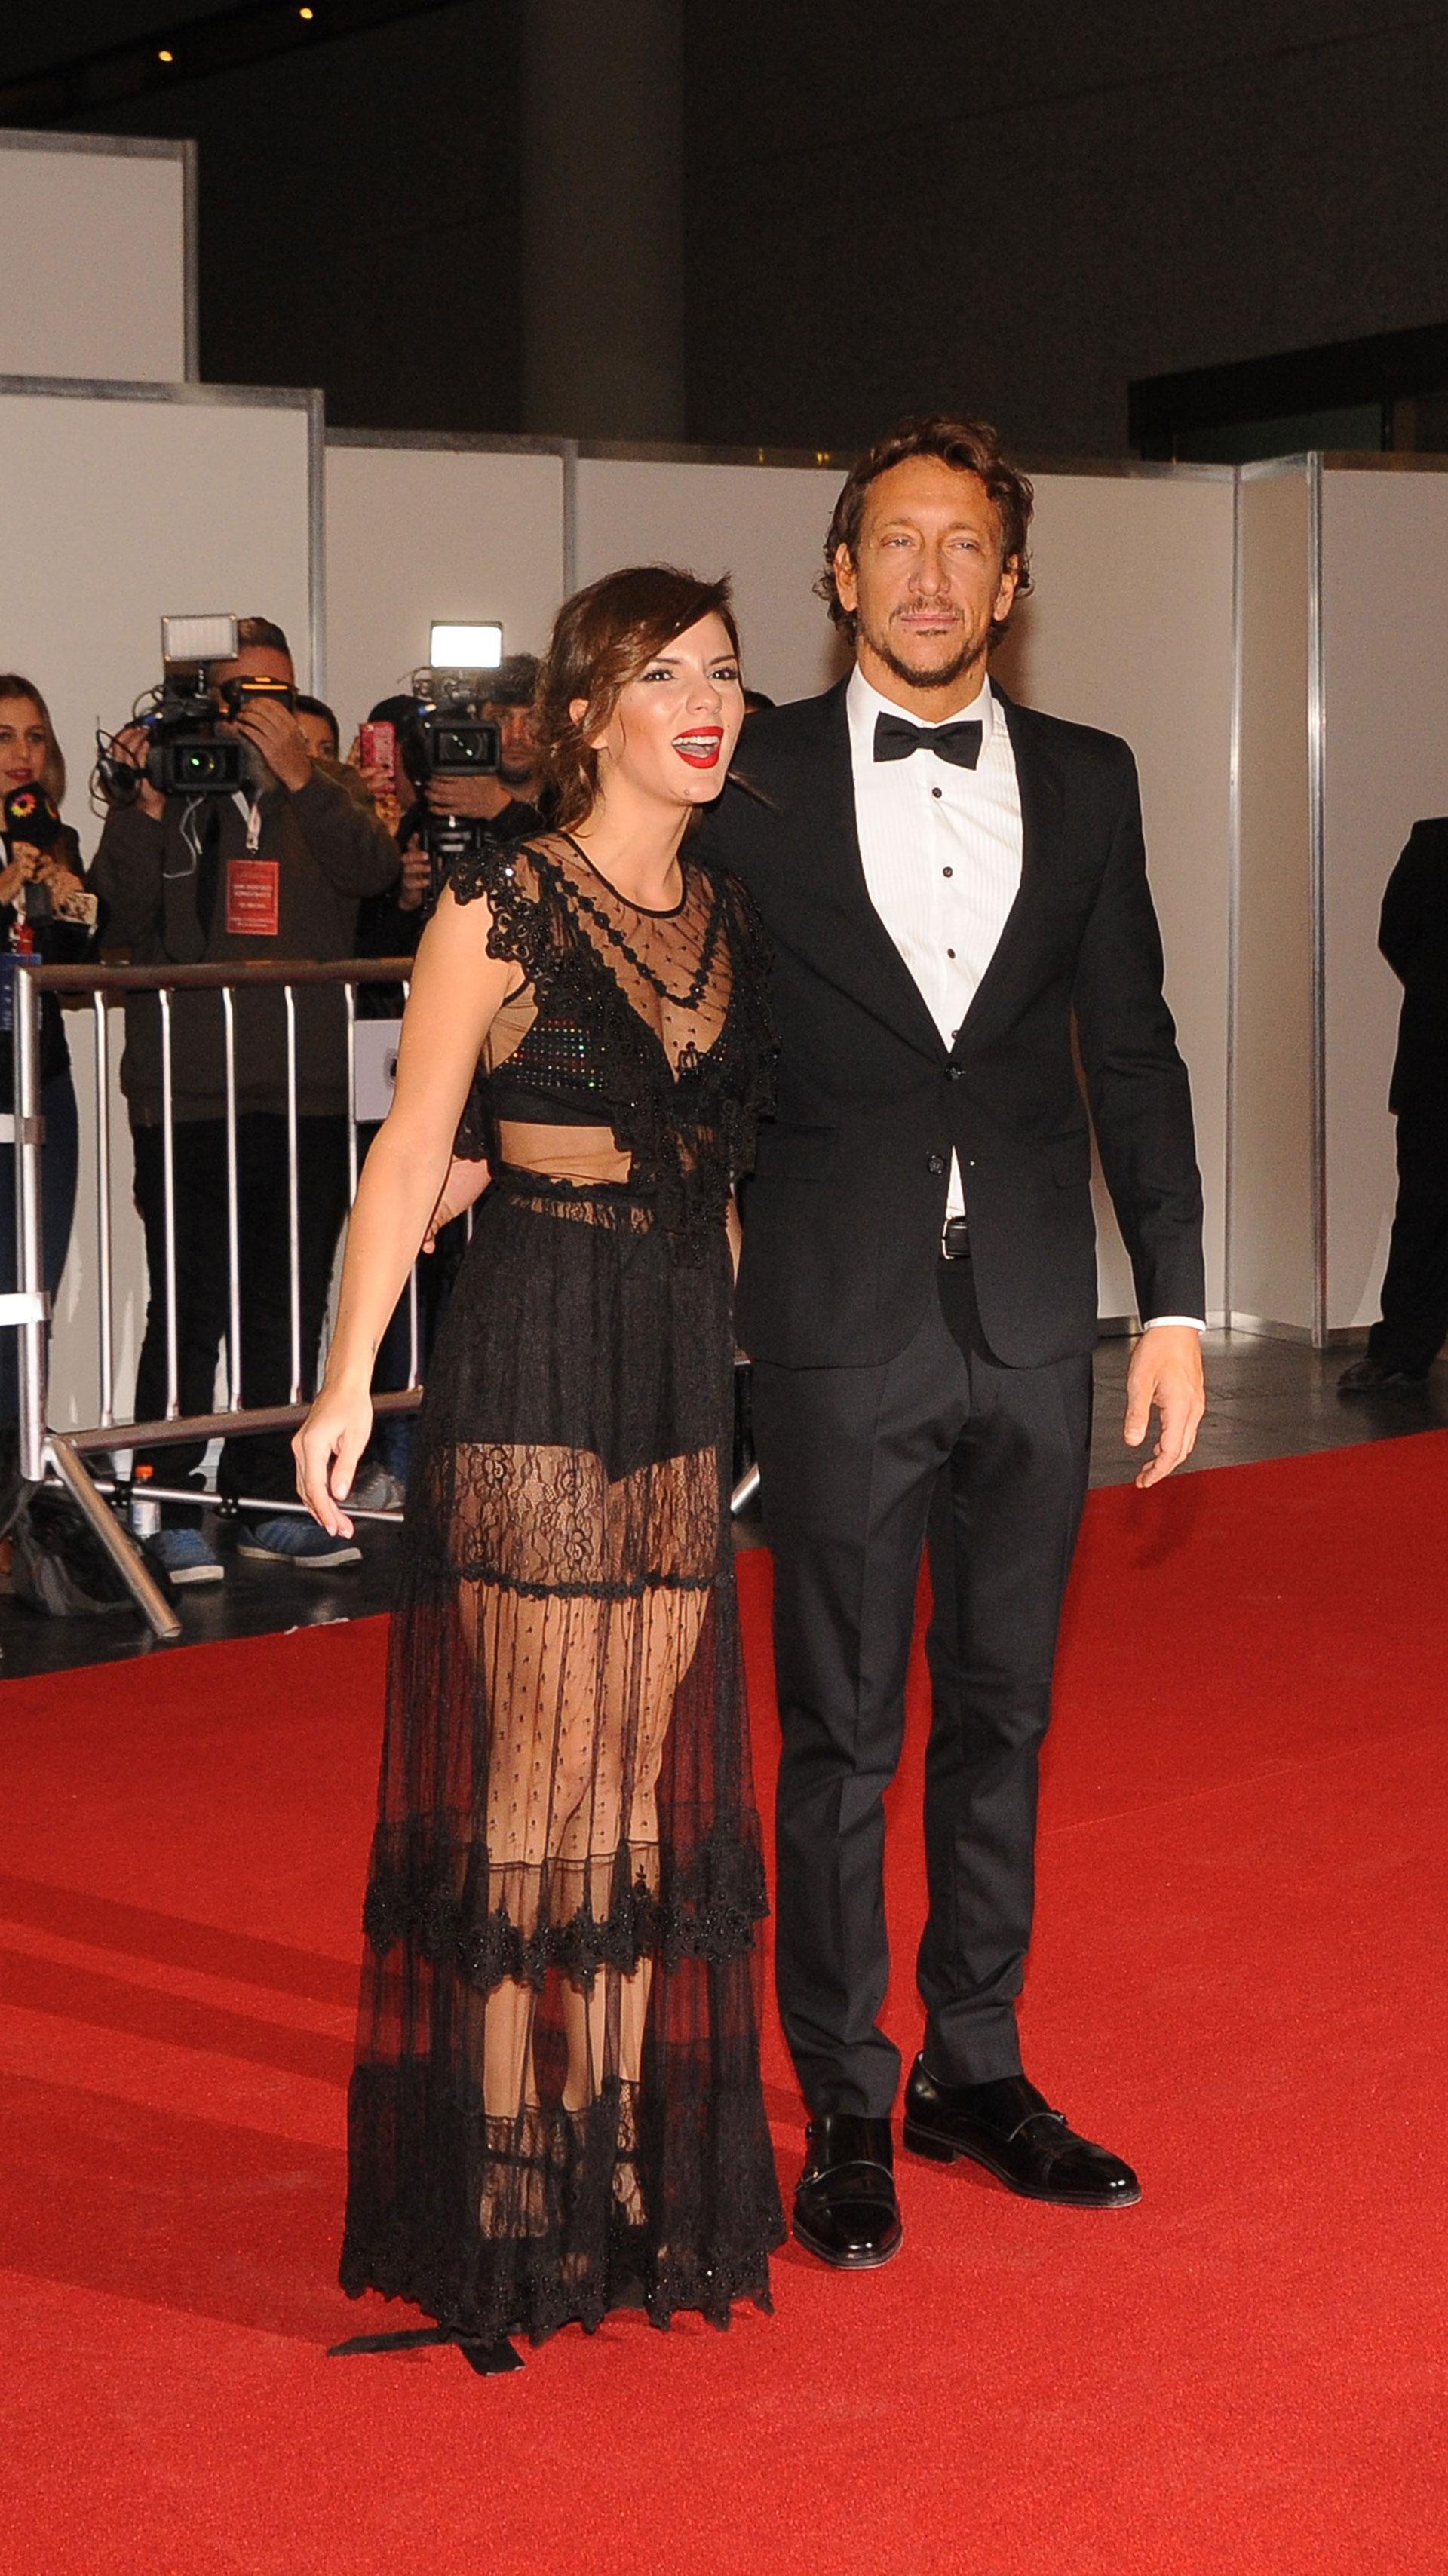 """La pareja de actores fue la única que habló con la prensa: """"Estamos felices, se esperan grandes sorpresas"""", dijo él"""